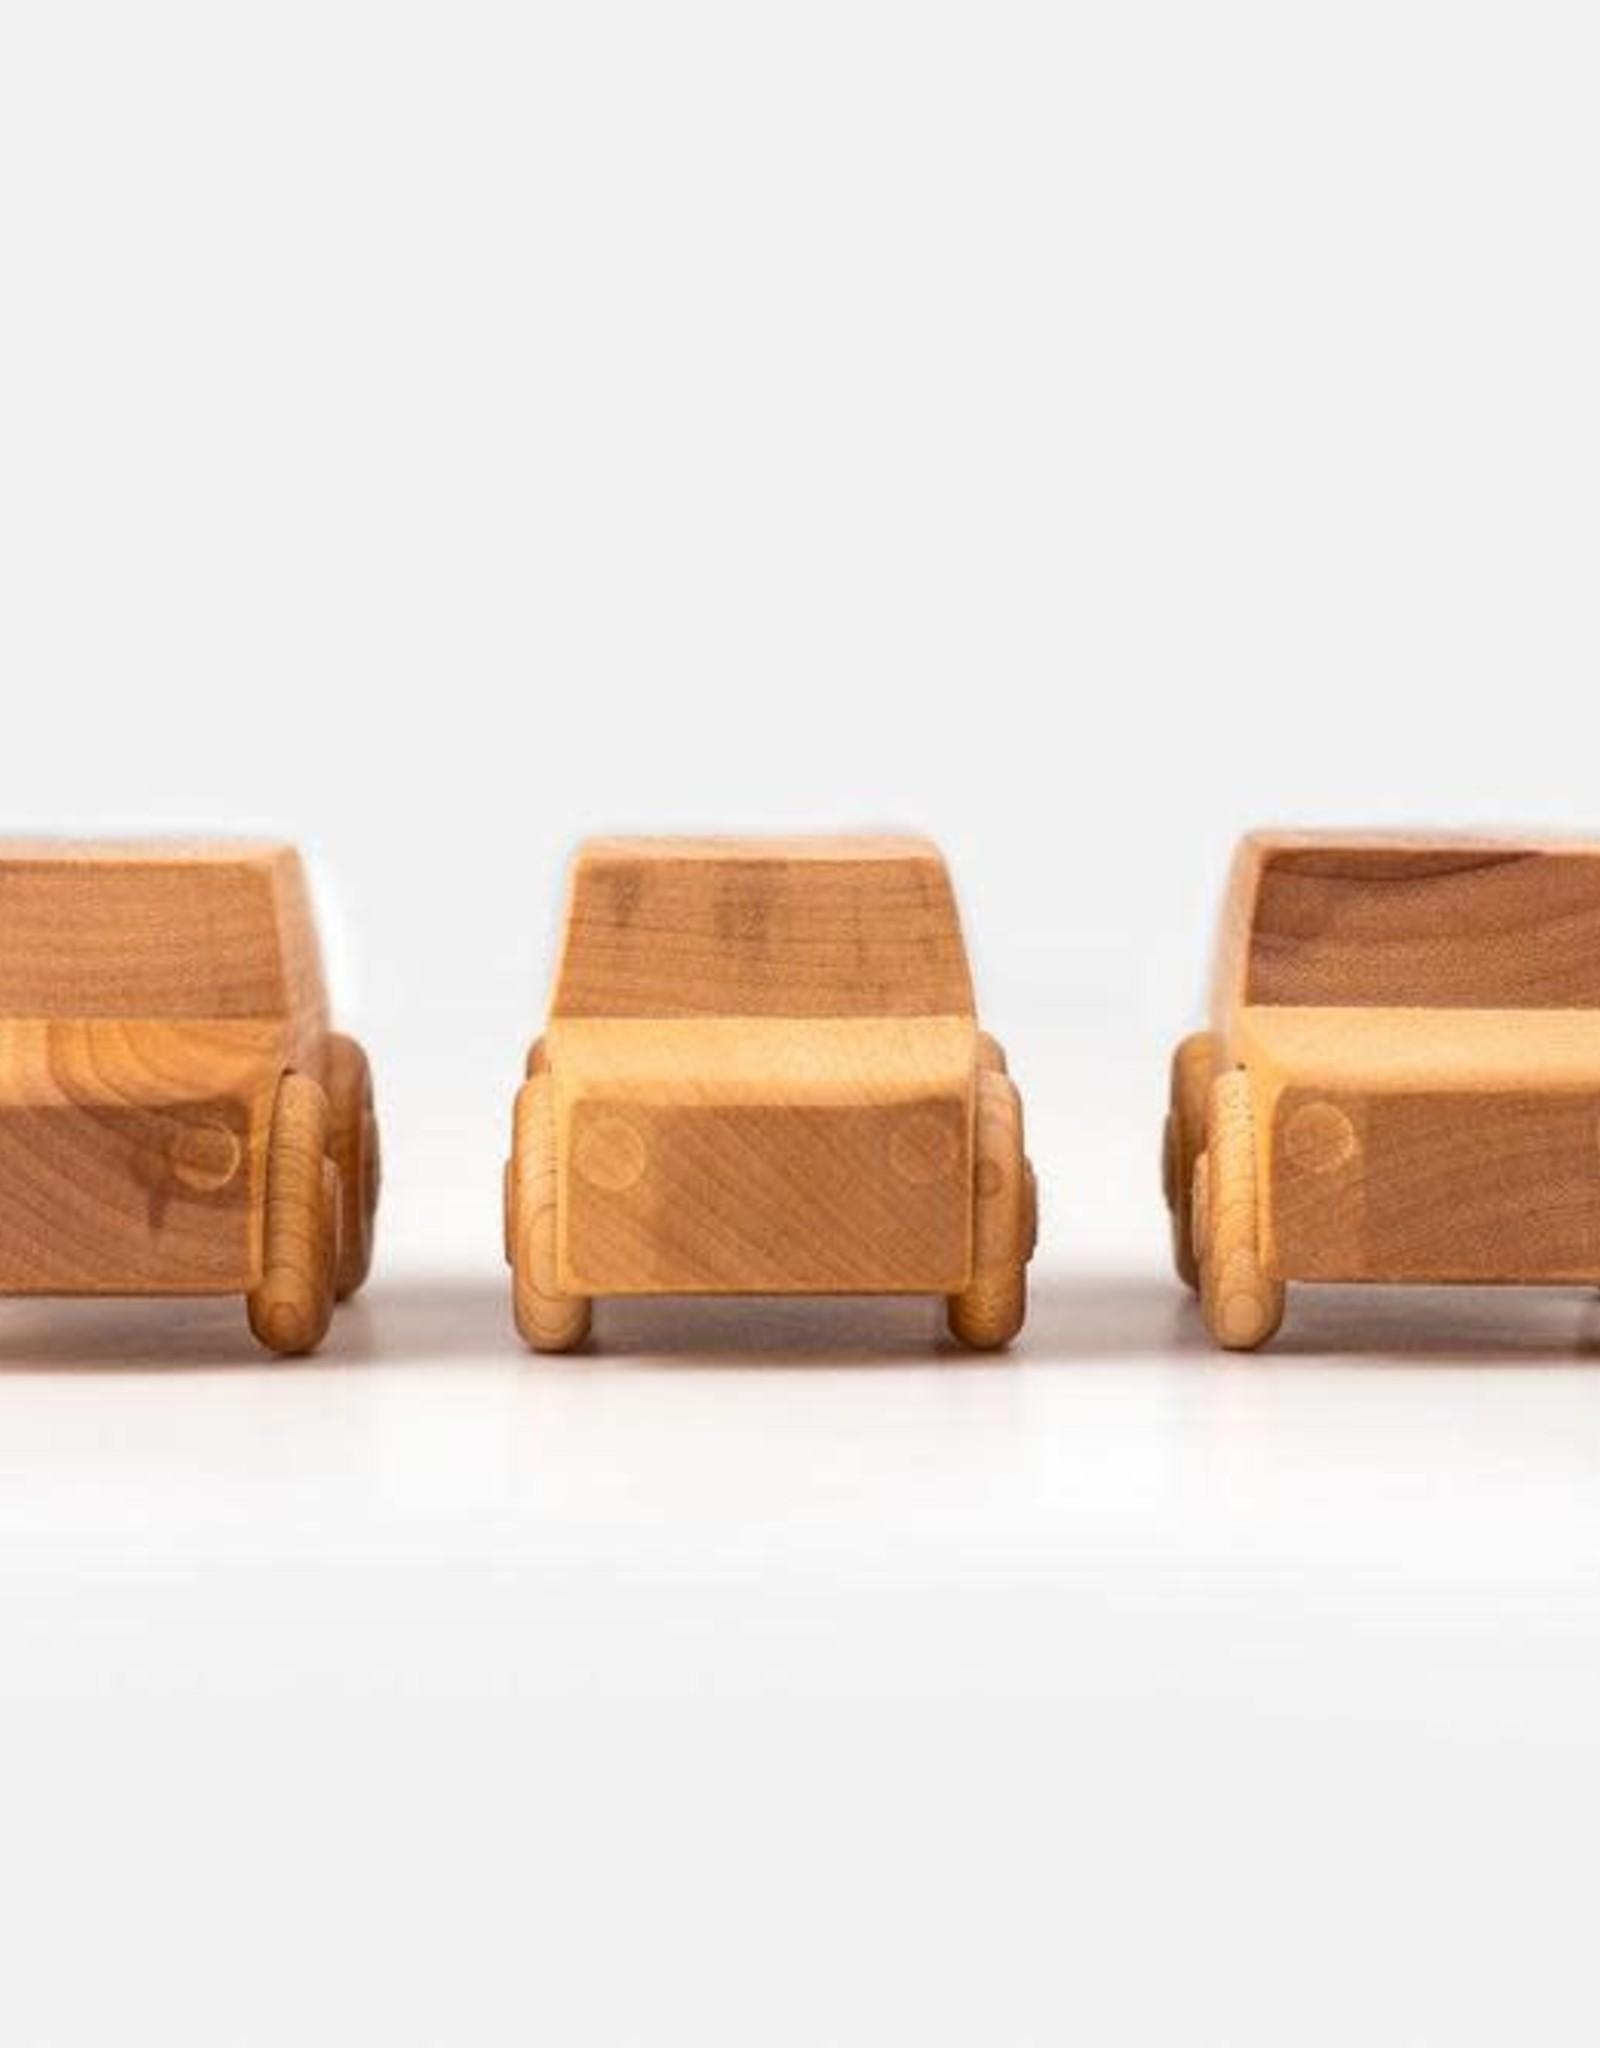 Atelier Bosc Wood Car